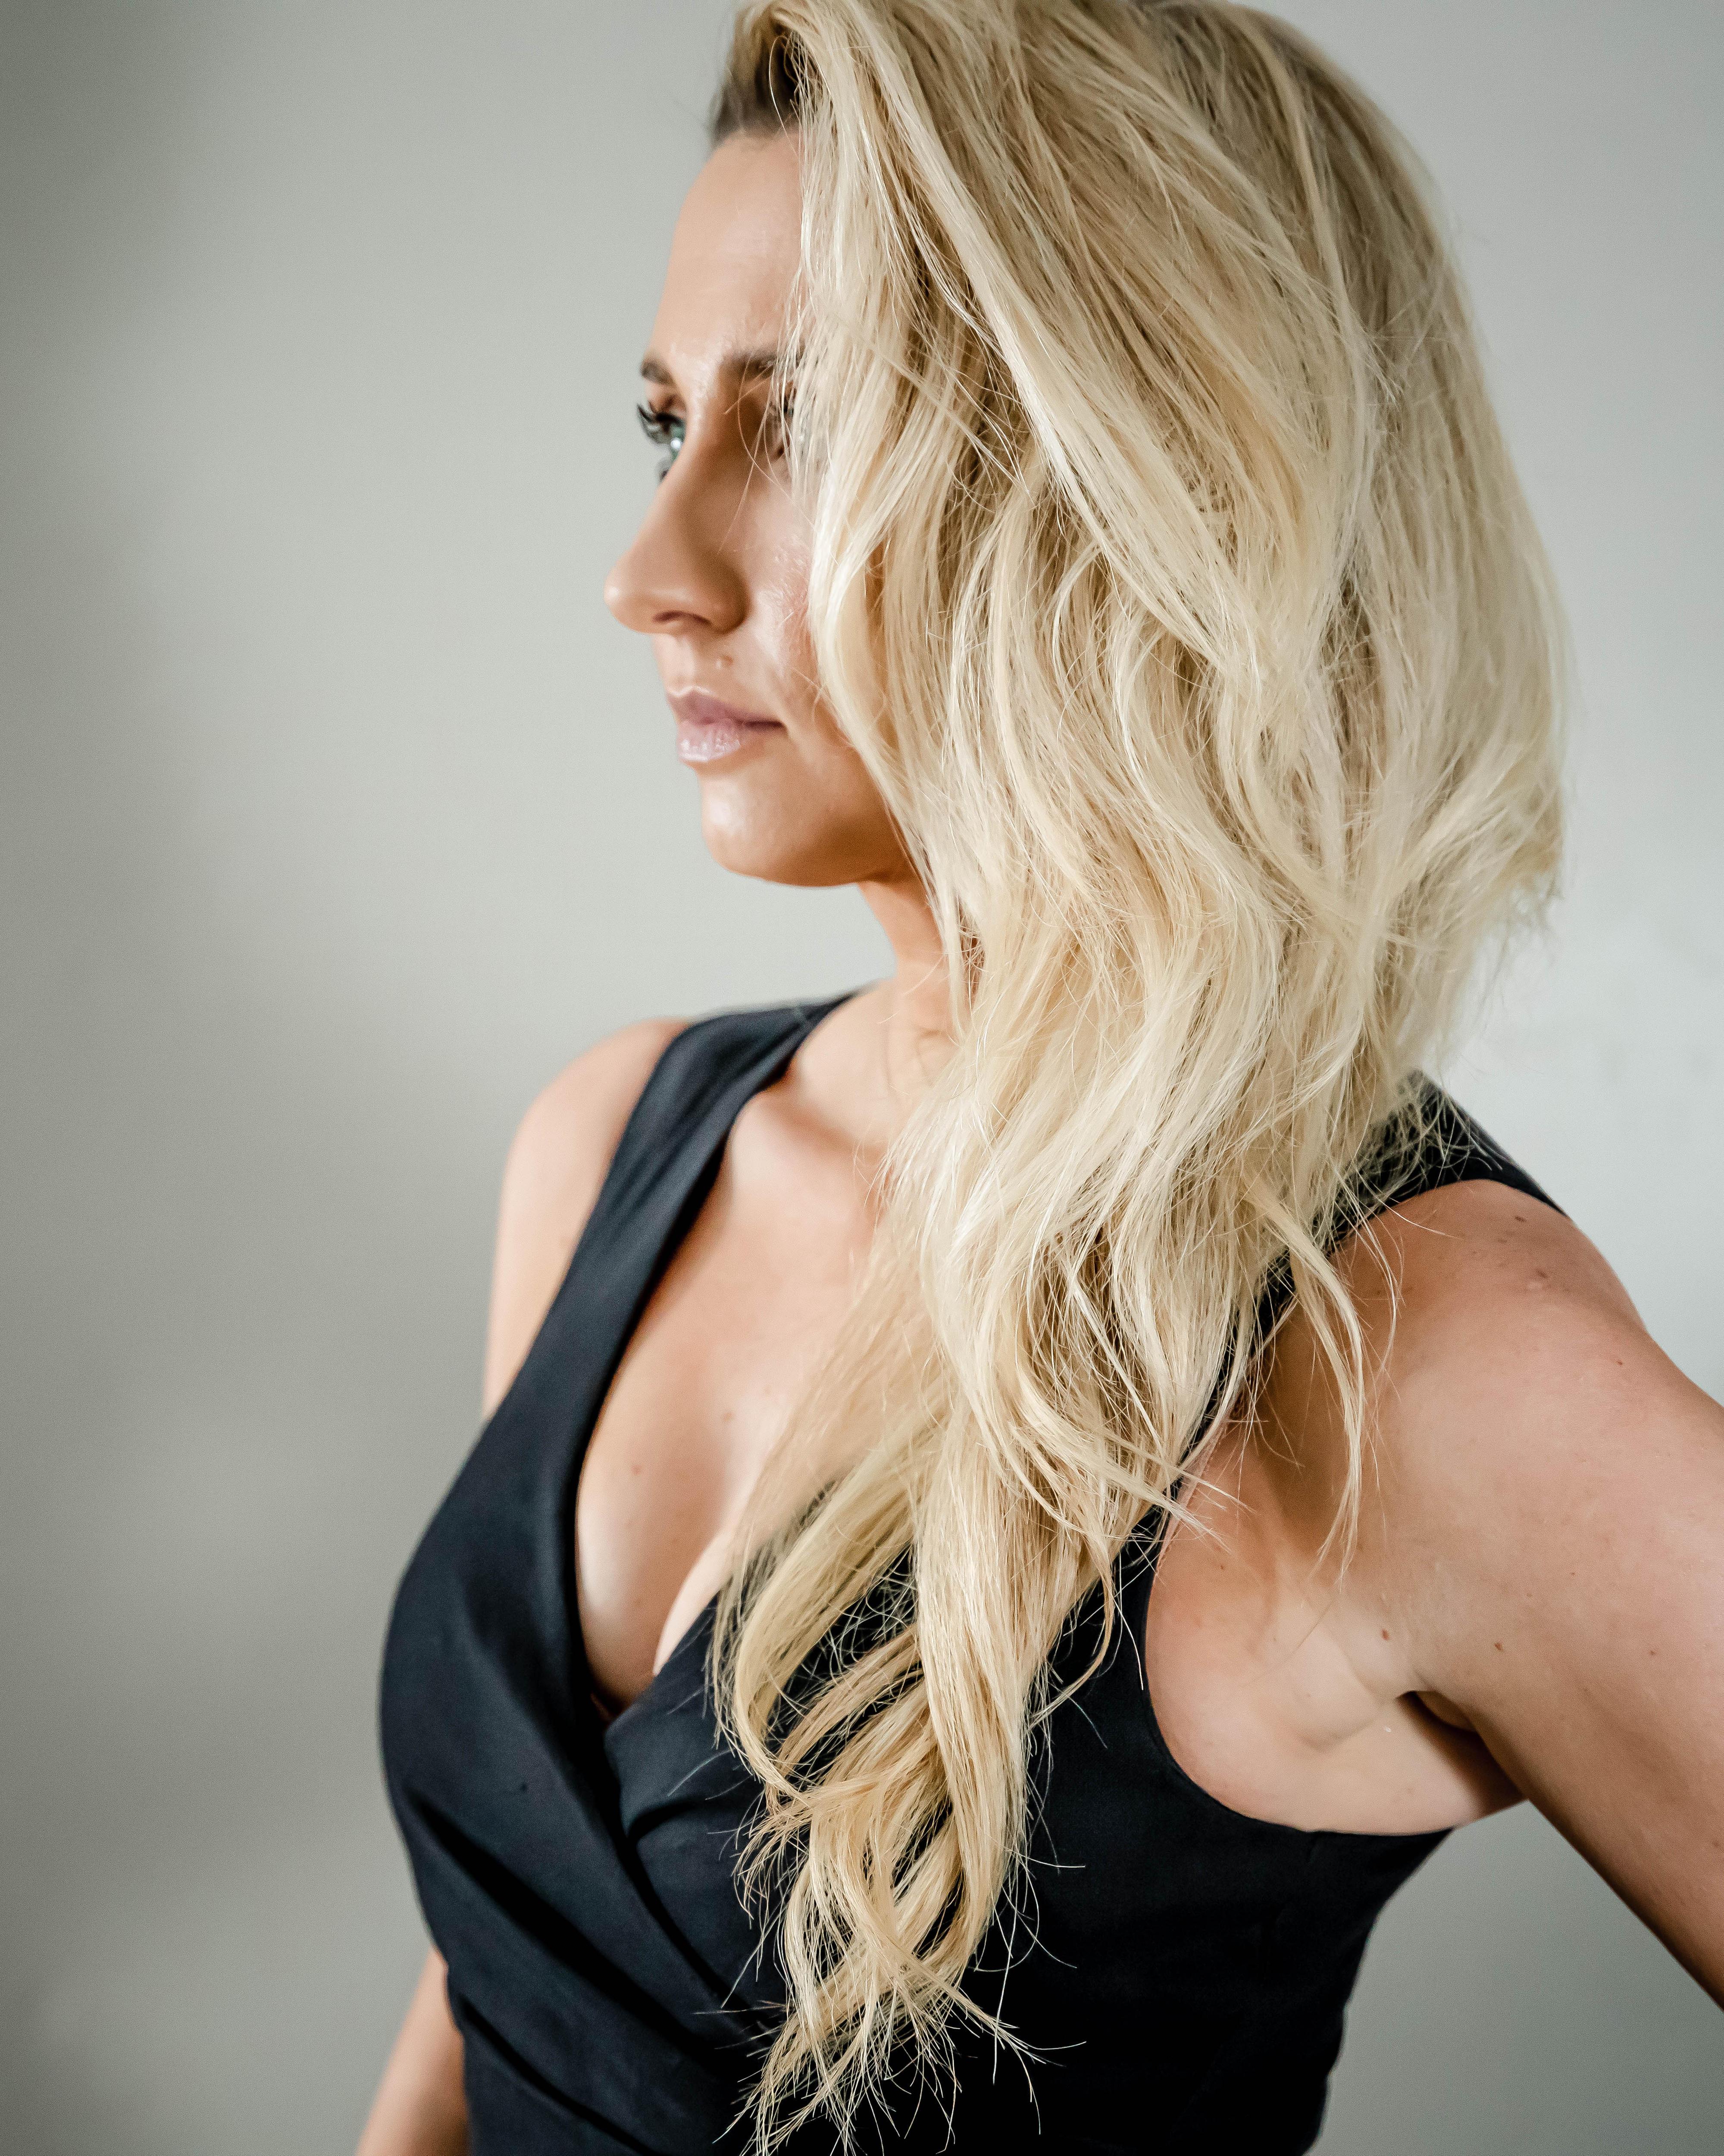 Julia side profile shot